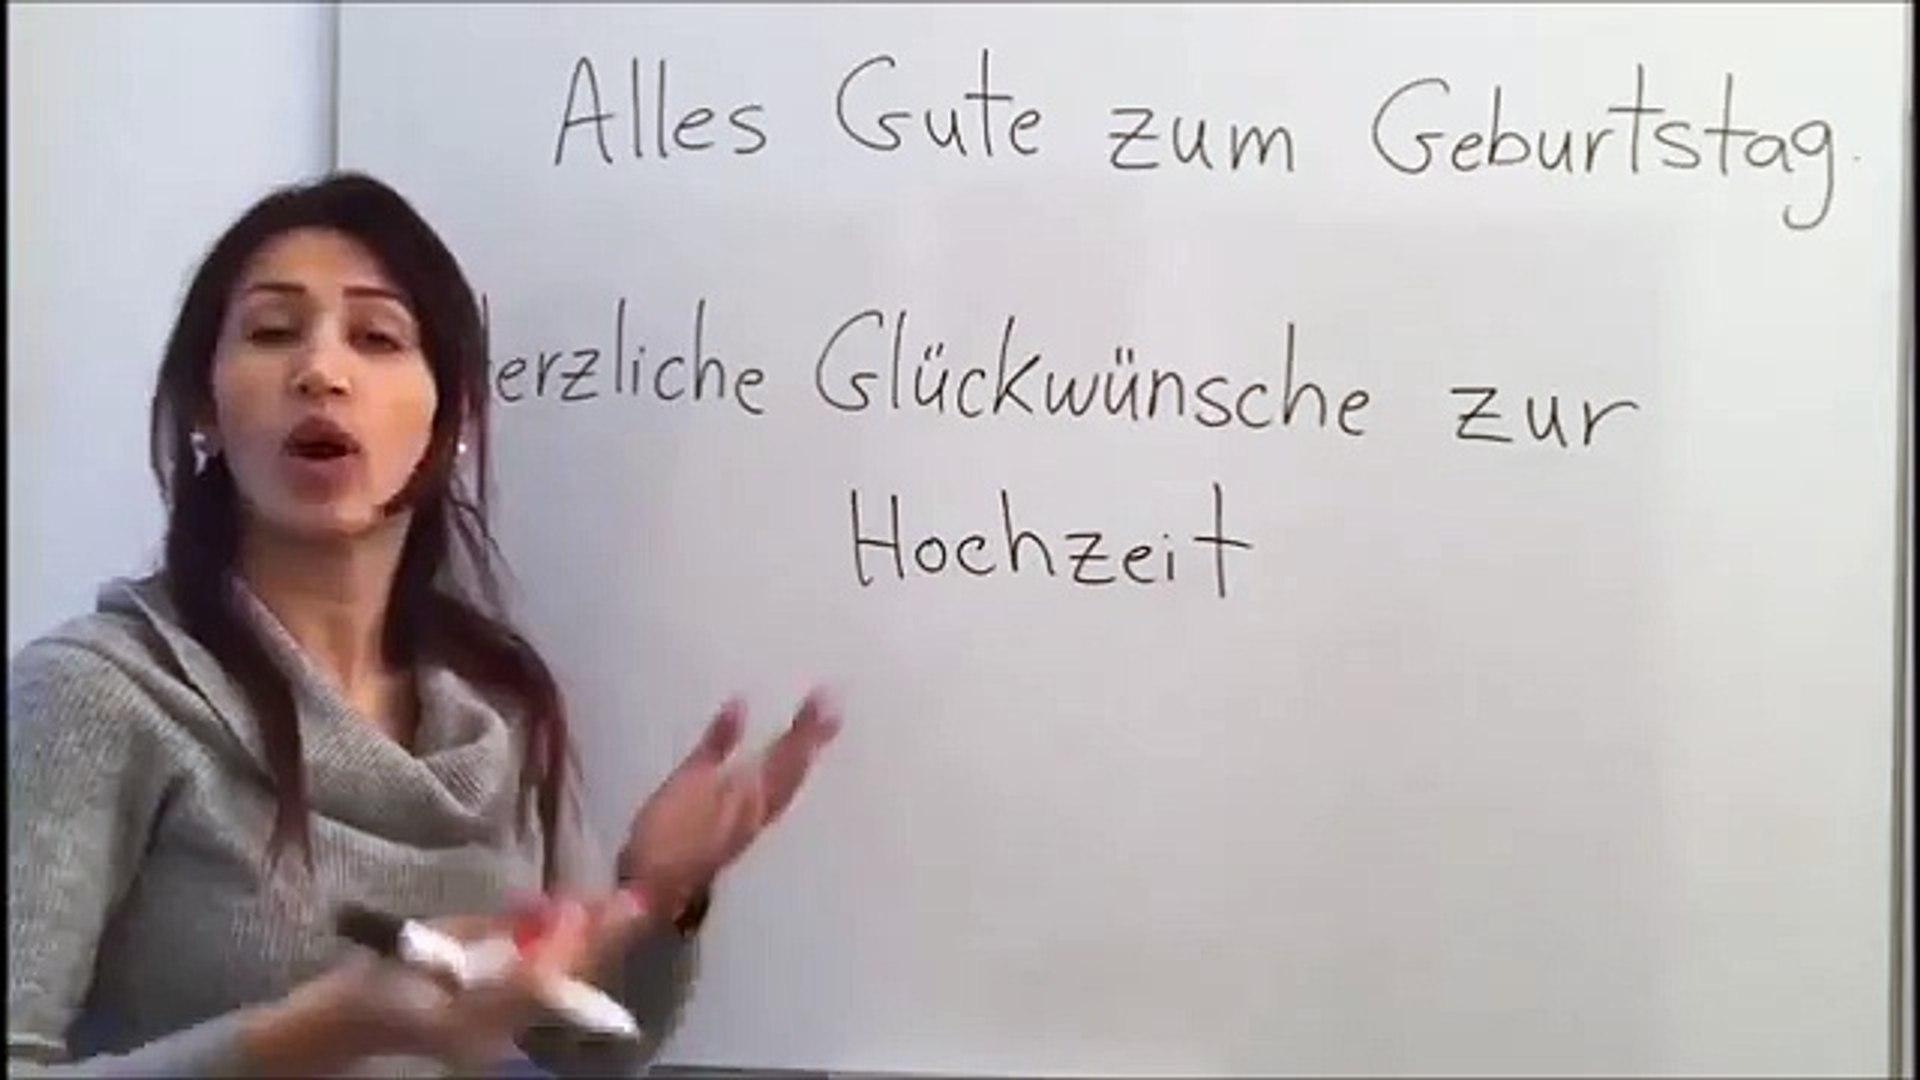 تعلم اللغة الألمانية مع دجلة 74 تهاني خاصة بكل مناسبة